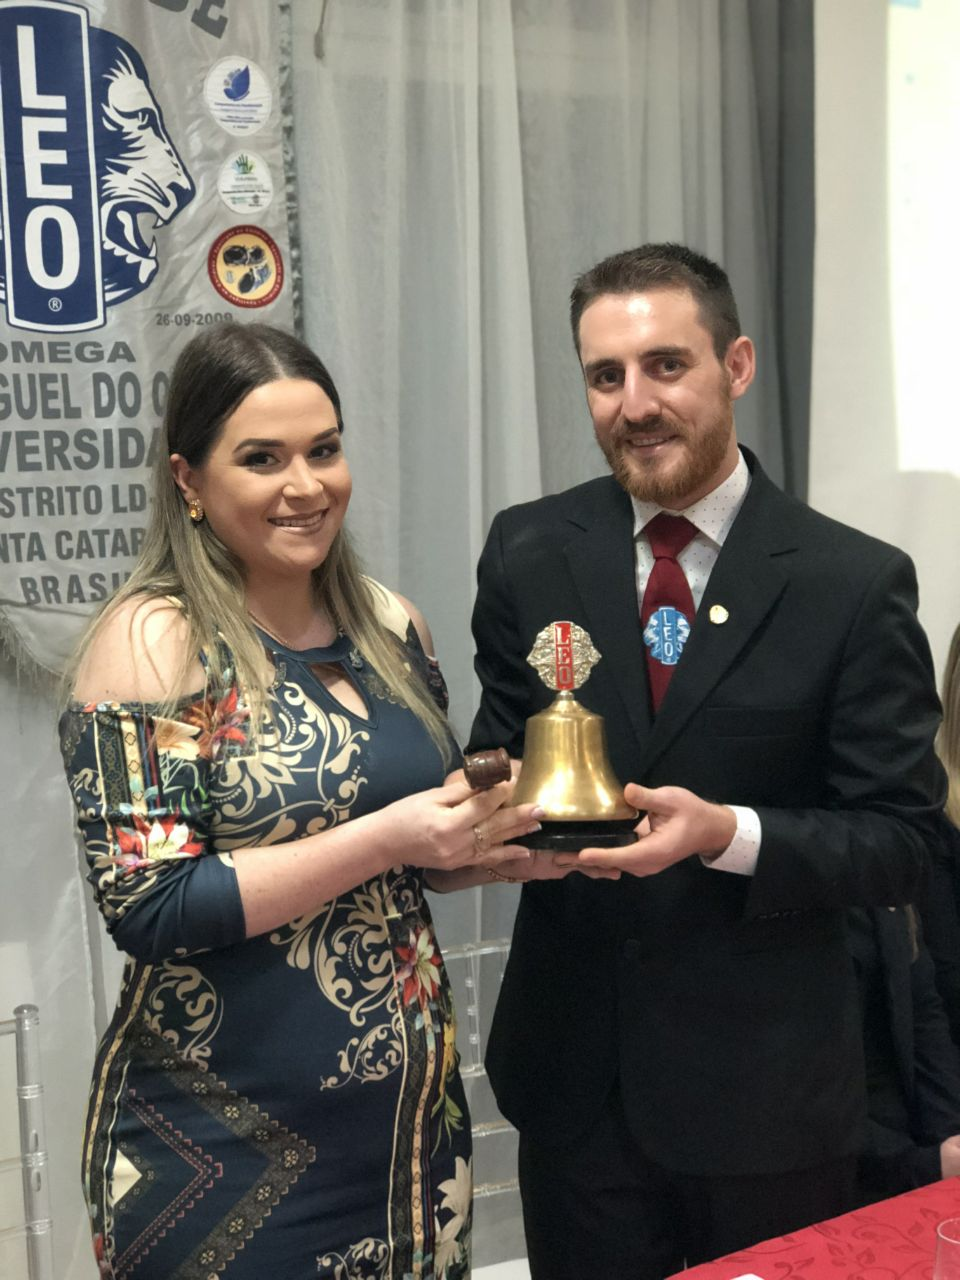 Nova diretoria assume o LEO Clube Ômega São Miguel do Oeste Universidade